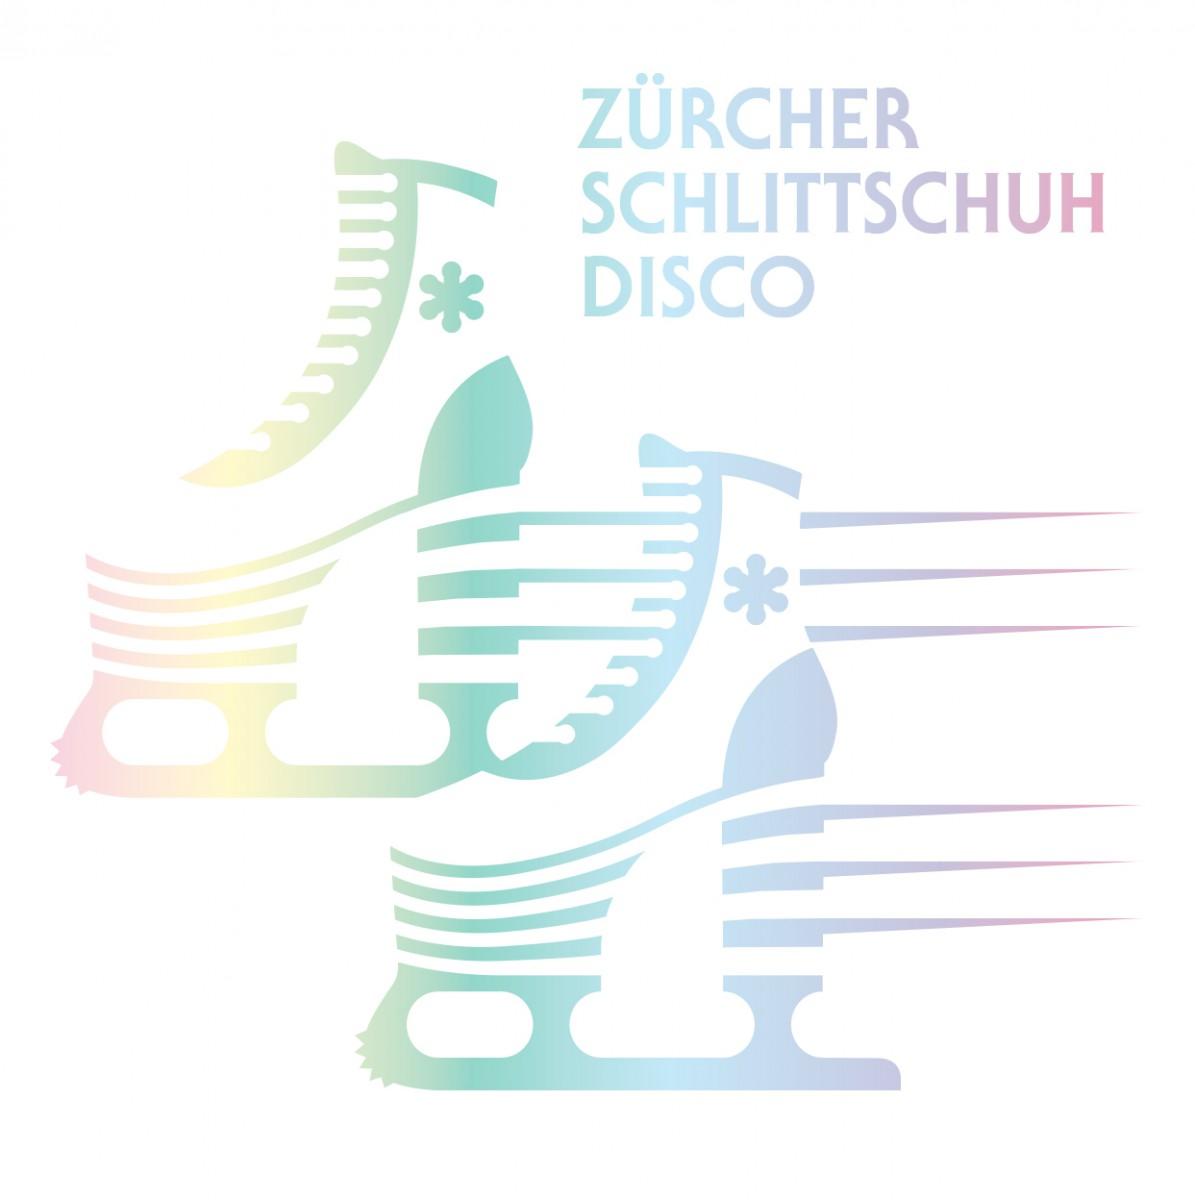 Zürcher Schlittschuh Disco